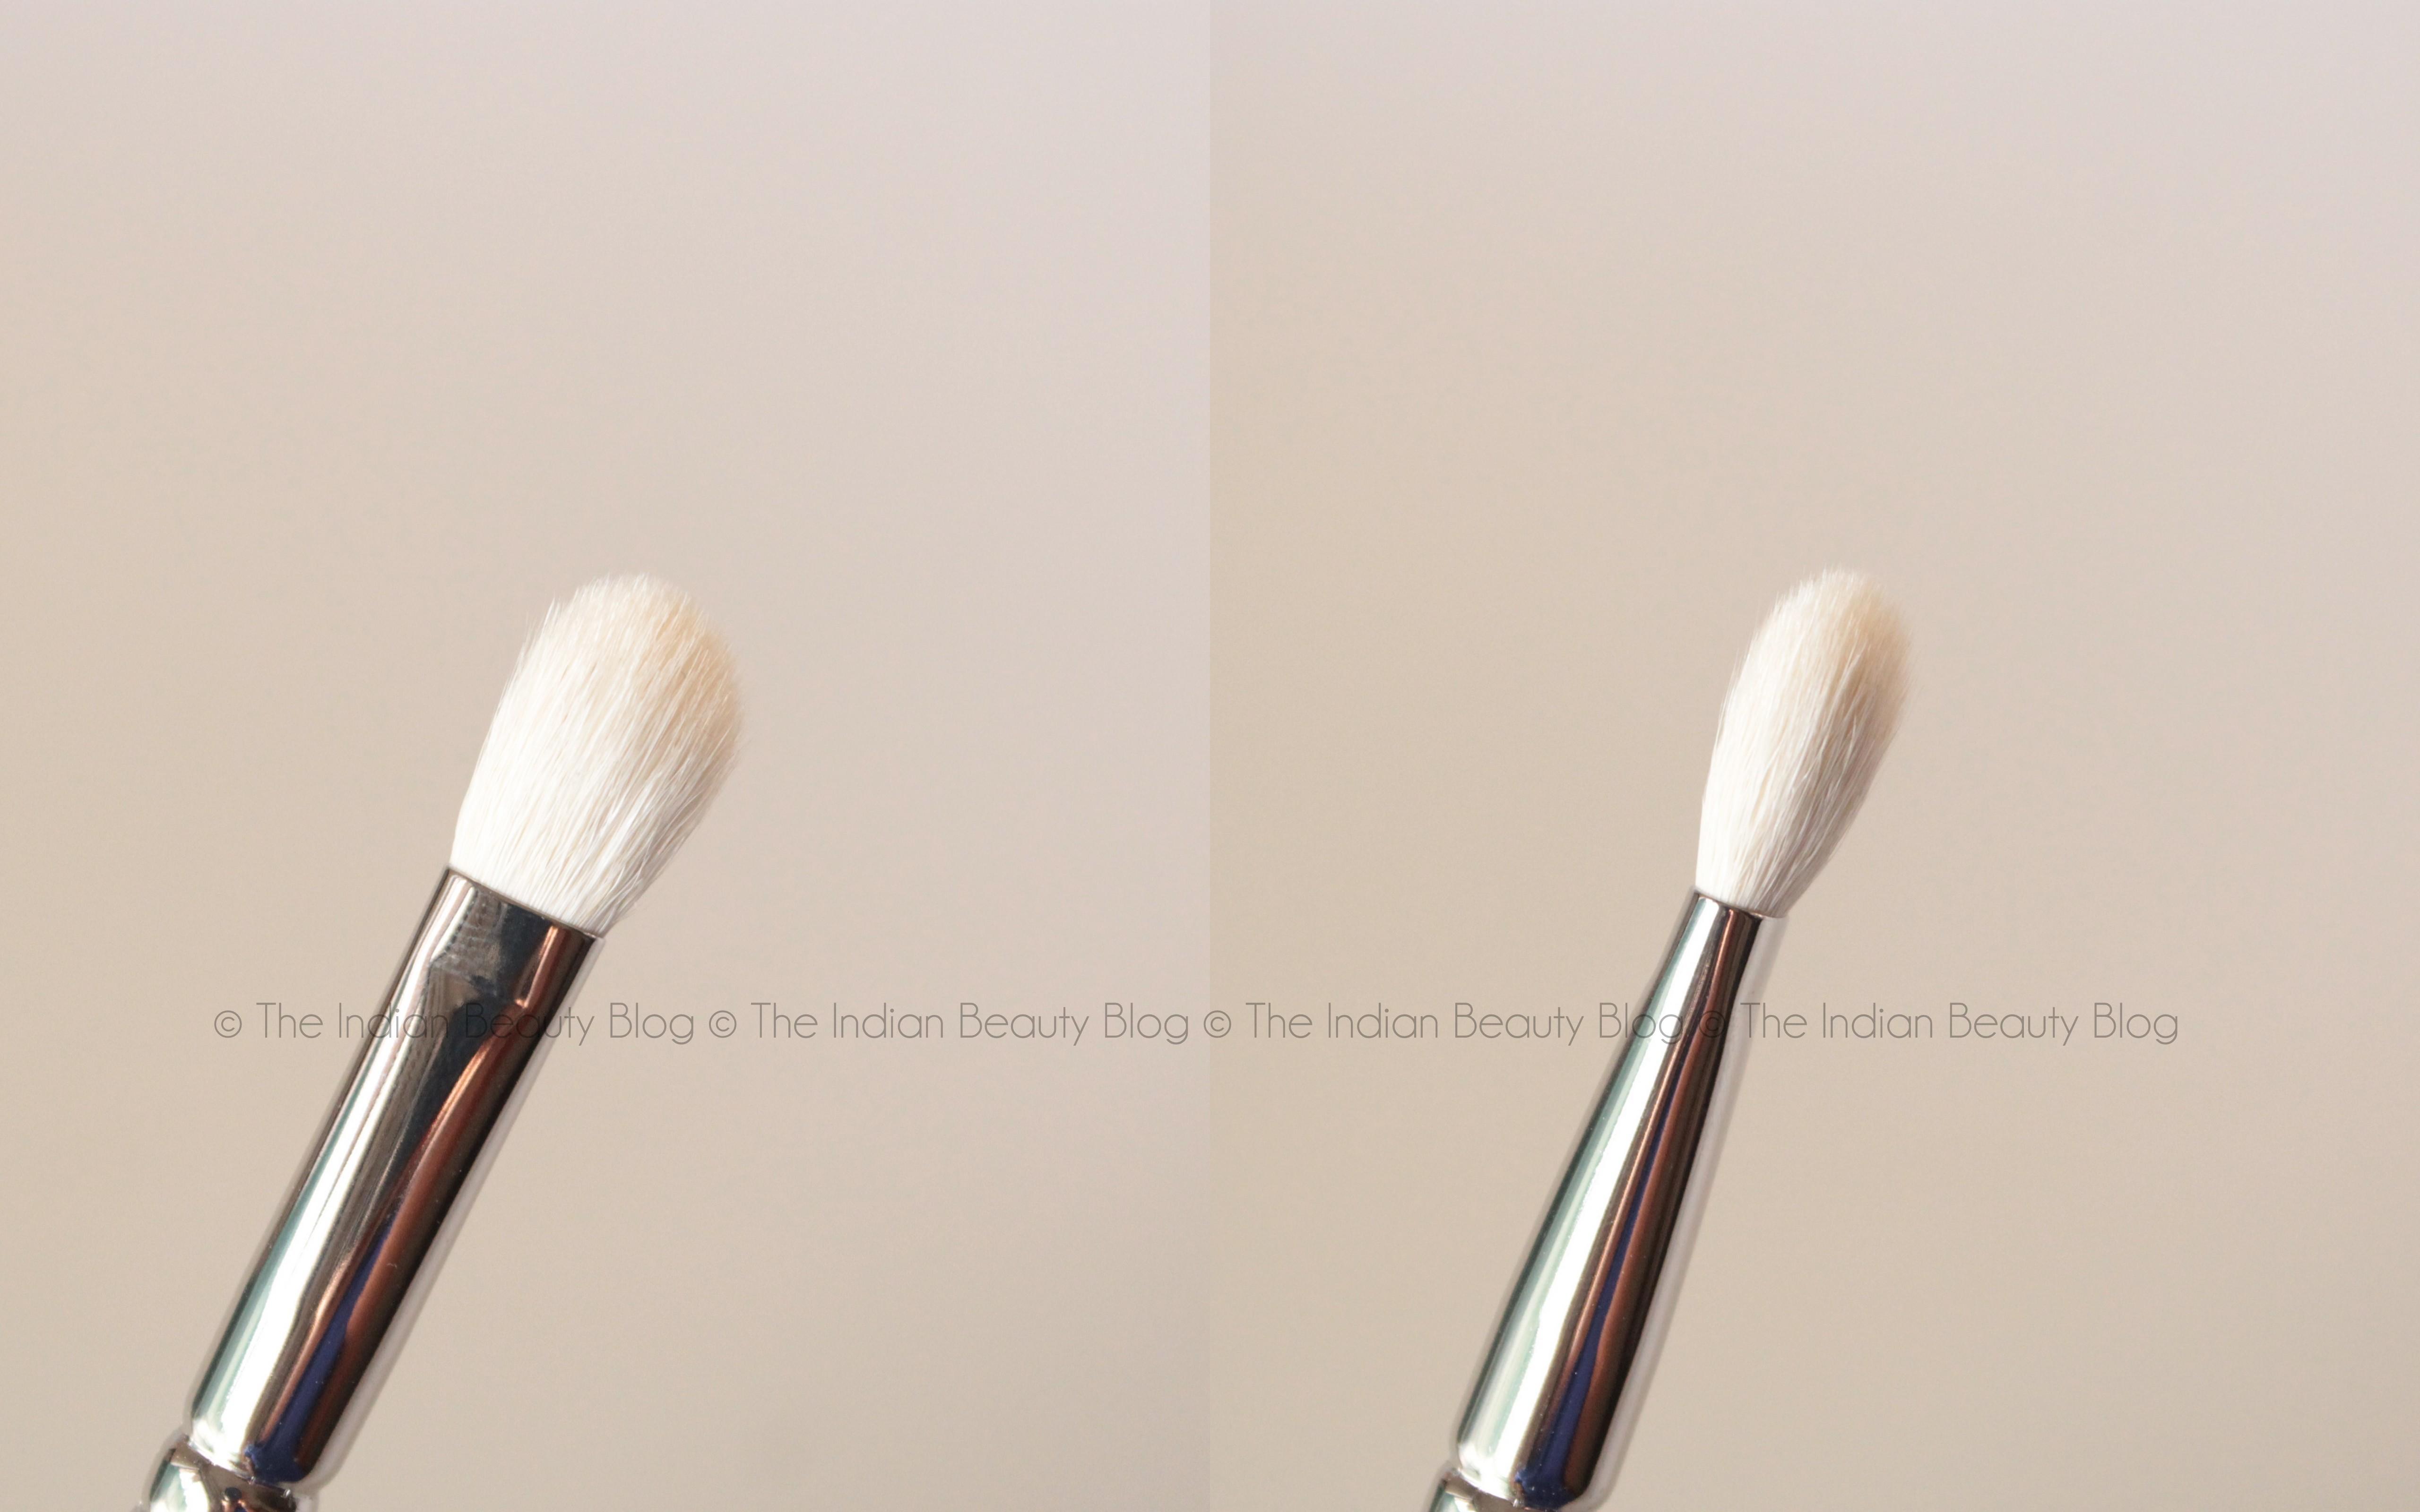 Basic info on MAC 217 Blending Brush